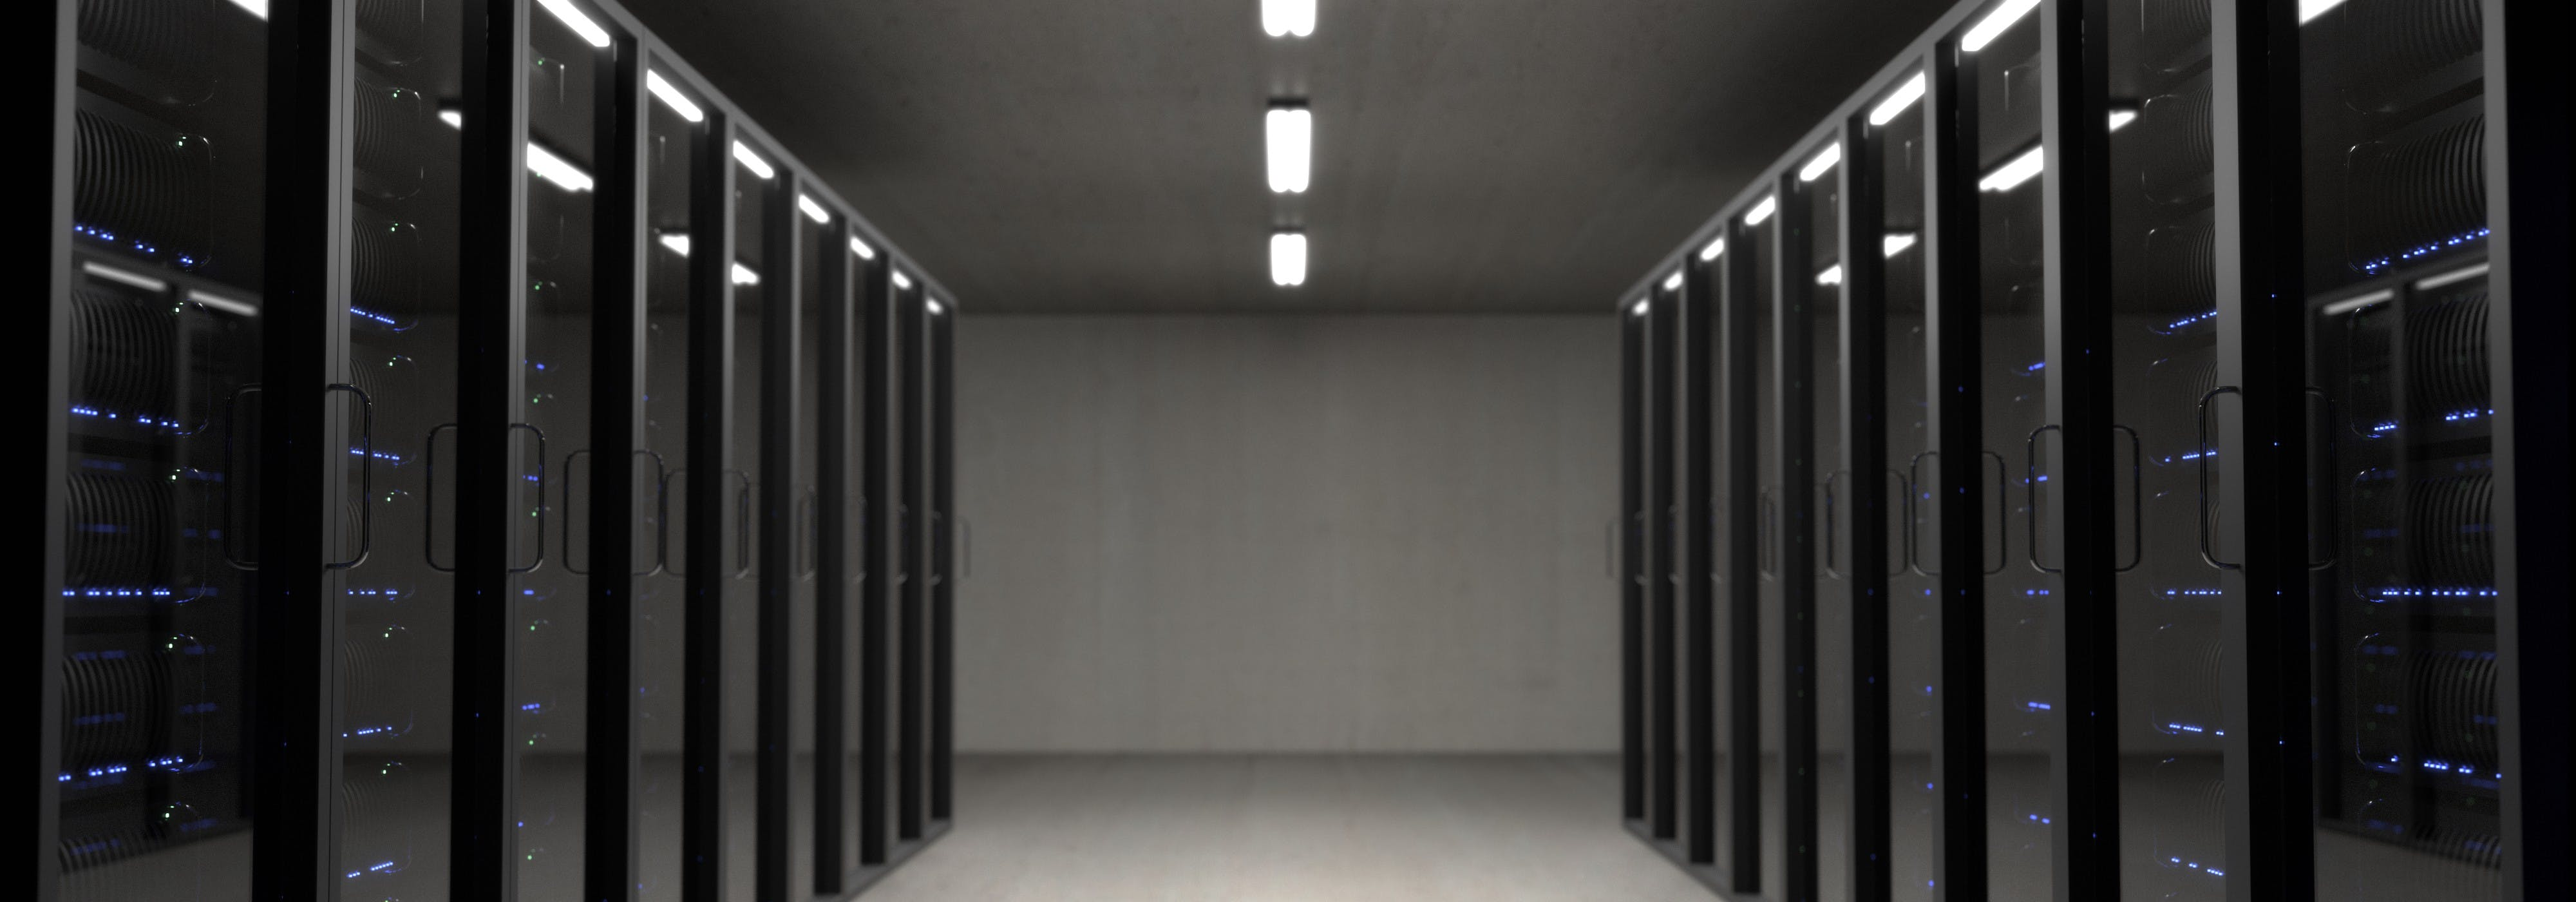 Gratis stockfoto met binnen, computer hardware, databank, datacenter